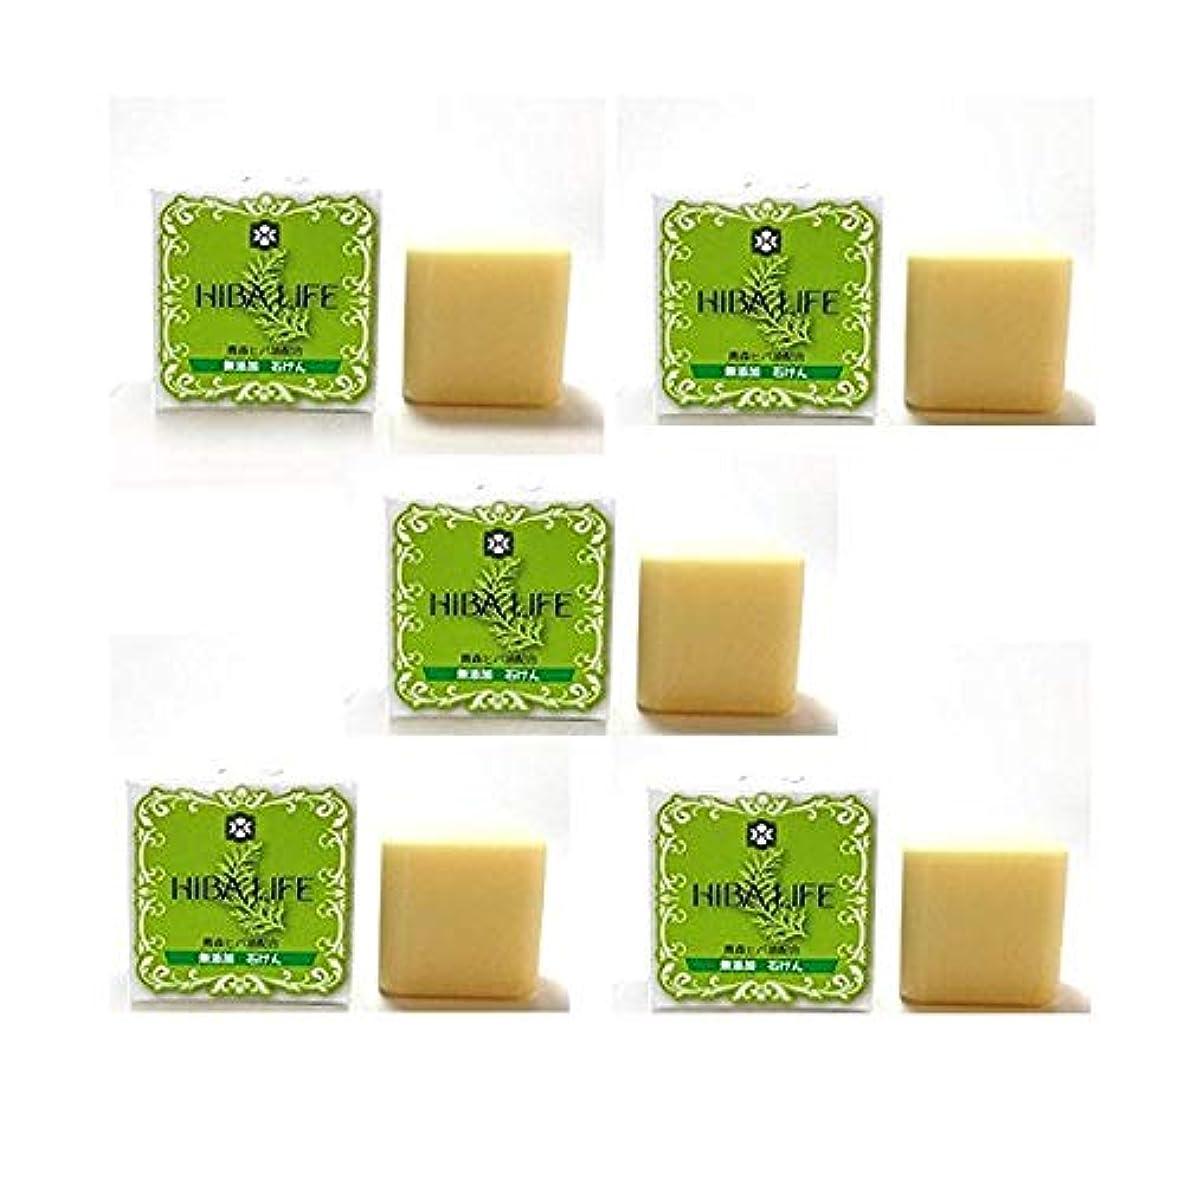 メンタルランチョン宙返りヒバ石鹸 ひばの森化粧石鹸5個セット(100g×5個) 青森ヒバ精油配合の無添加ひば石鹸